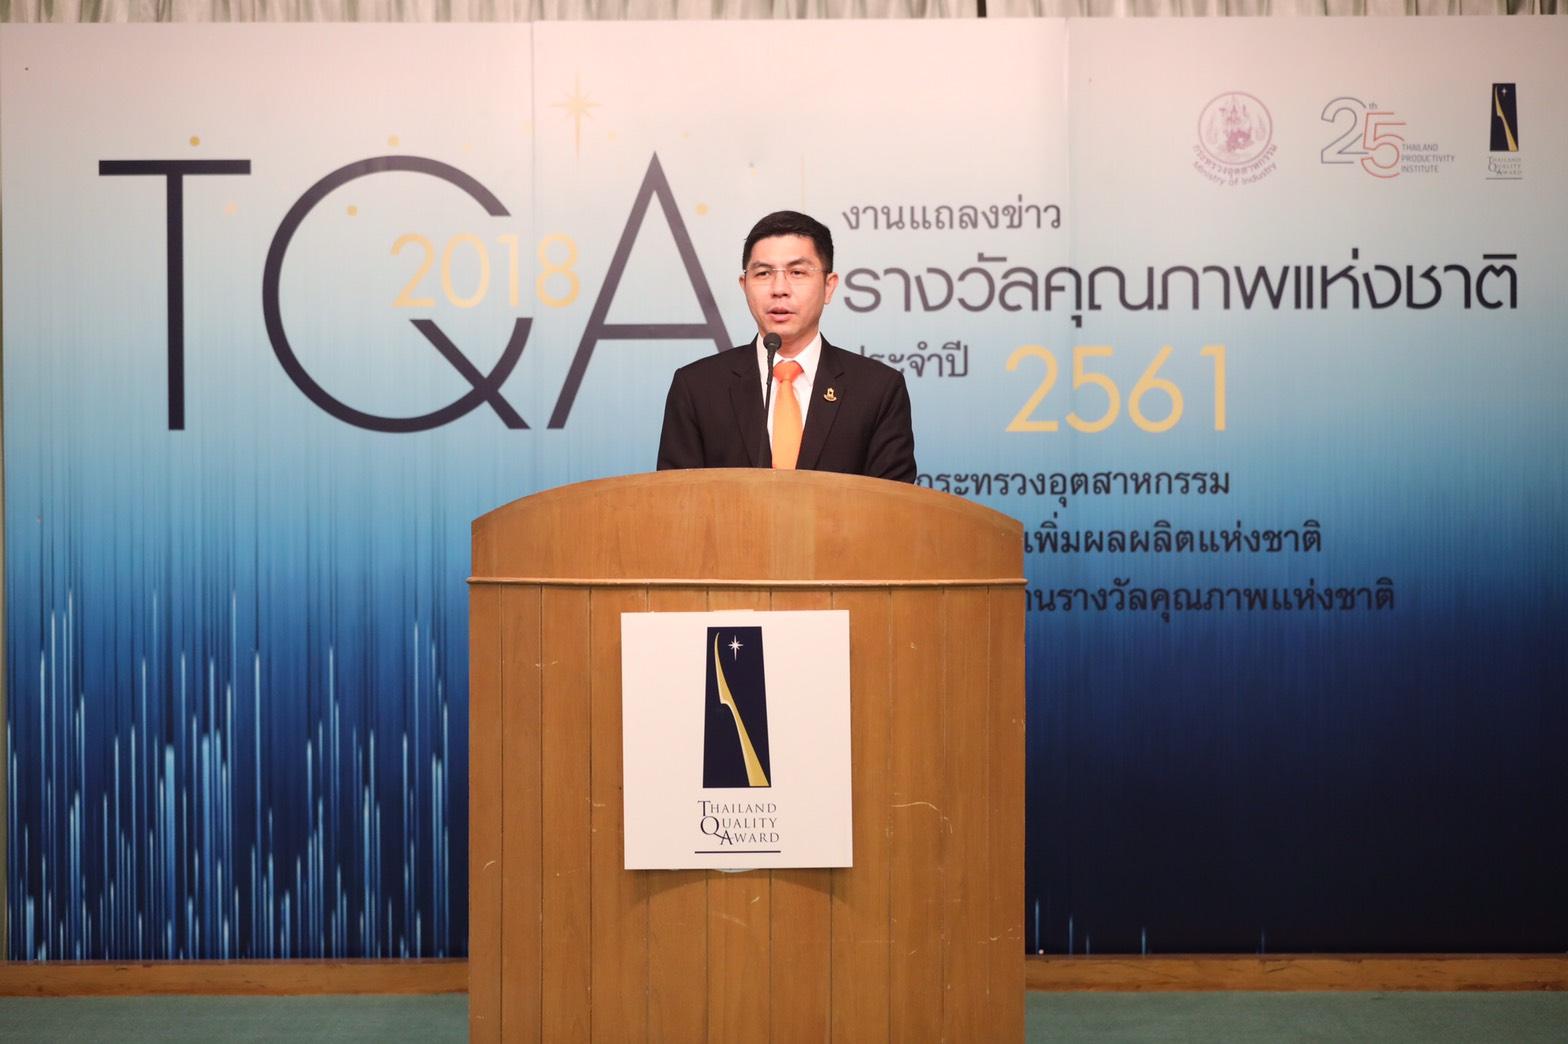 ธอส. คว้ารางวัลการบริหารสู่ความเป็นเลิศ Thailand Quality Class (TQC) ปี 2561